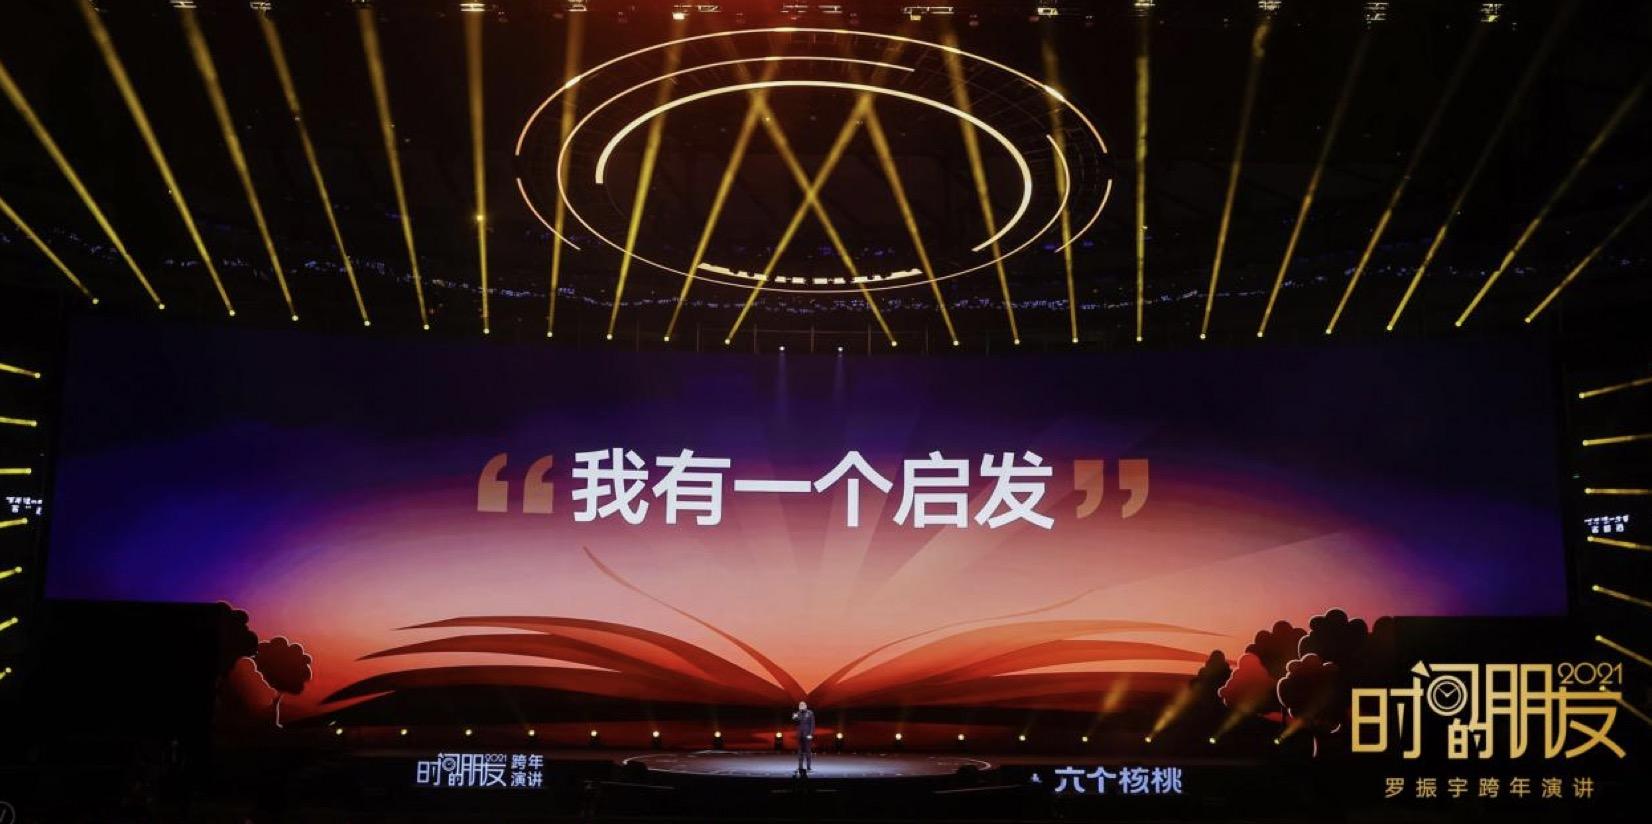 """usdt钱包支付(caibao.it):罗振宇2021时间的同伙跨年演讲:迎接""""长大以后""""新挑战 第7张"""